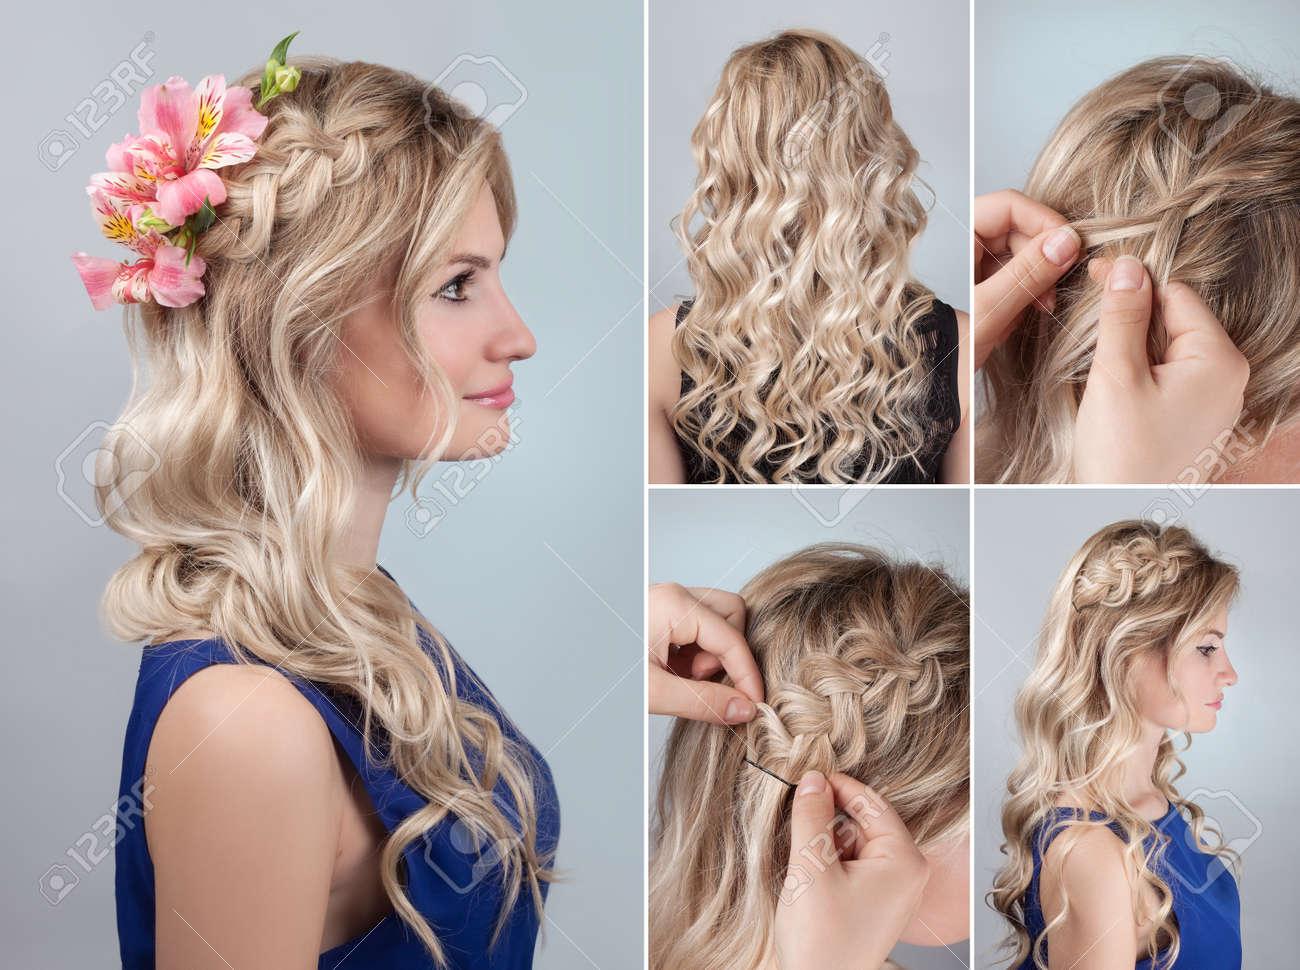 foto de archivo sencillo peinado de trenza con el pelo rizado tutorial peinado noche romntica para el pelo largo modelo rubio peinado para la dama de